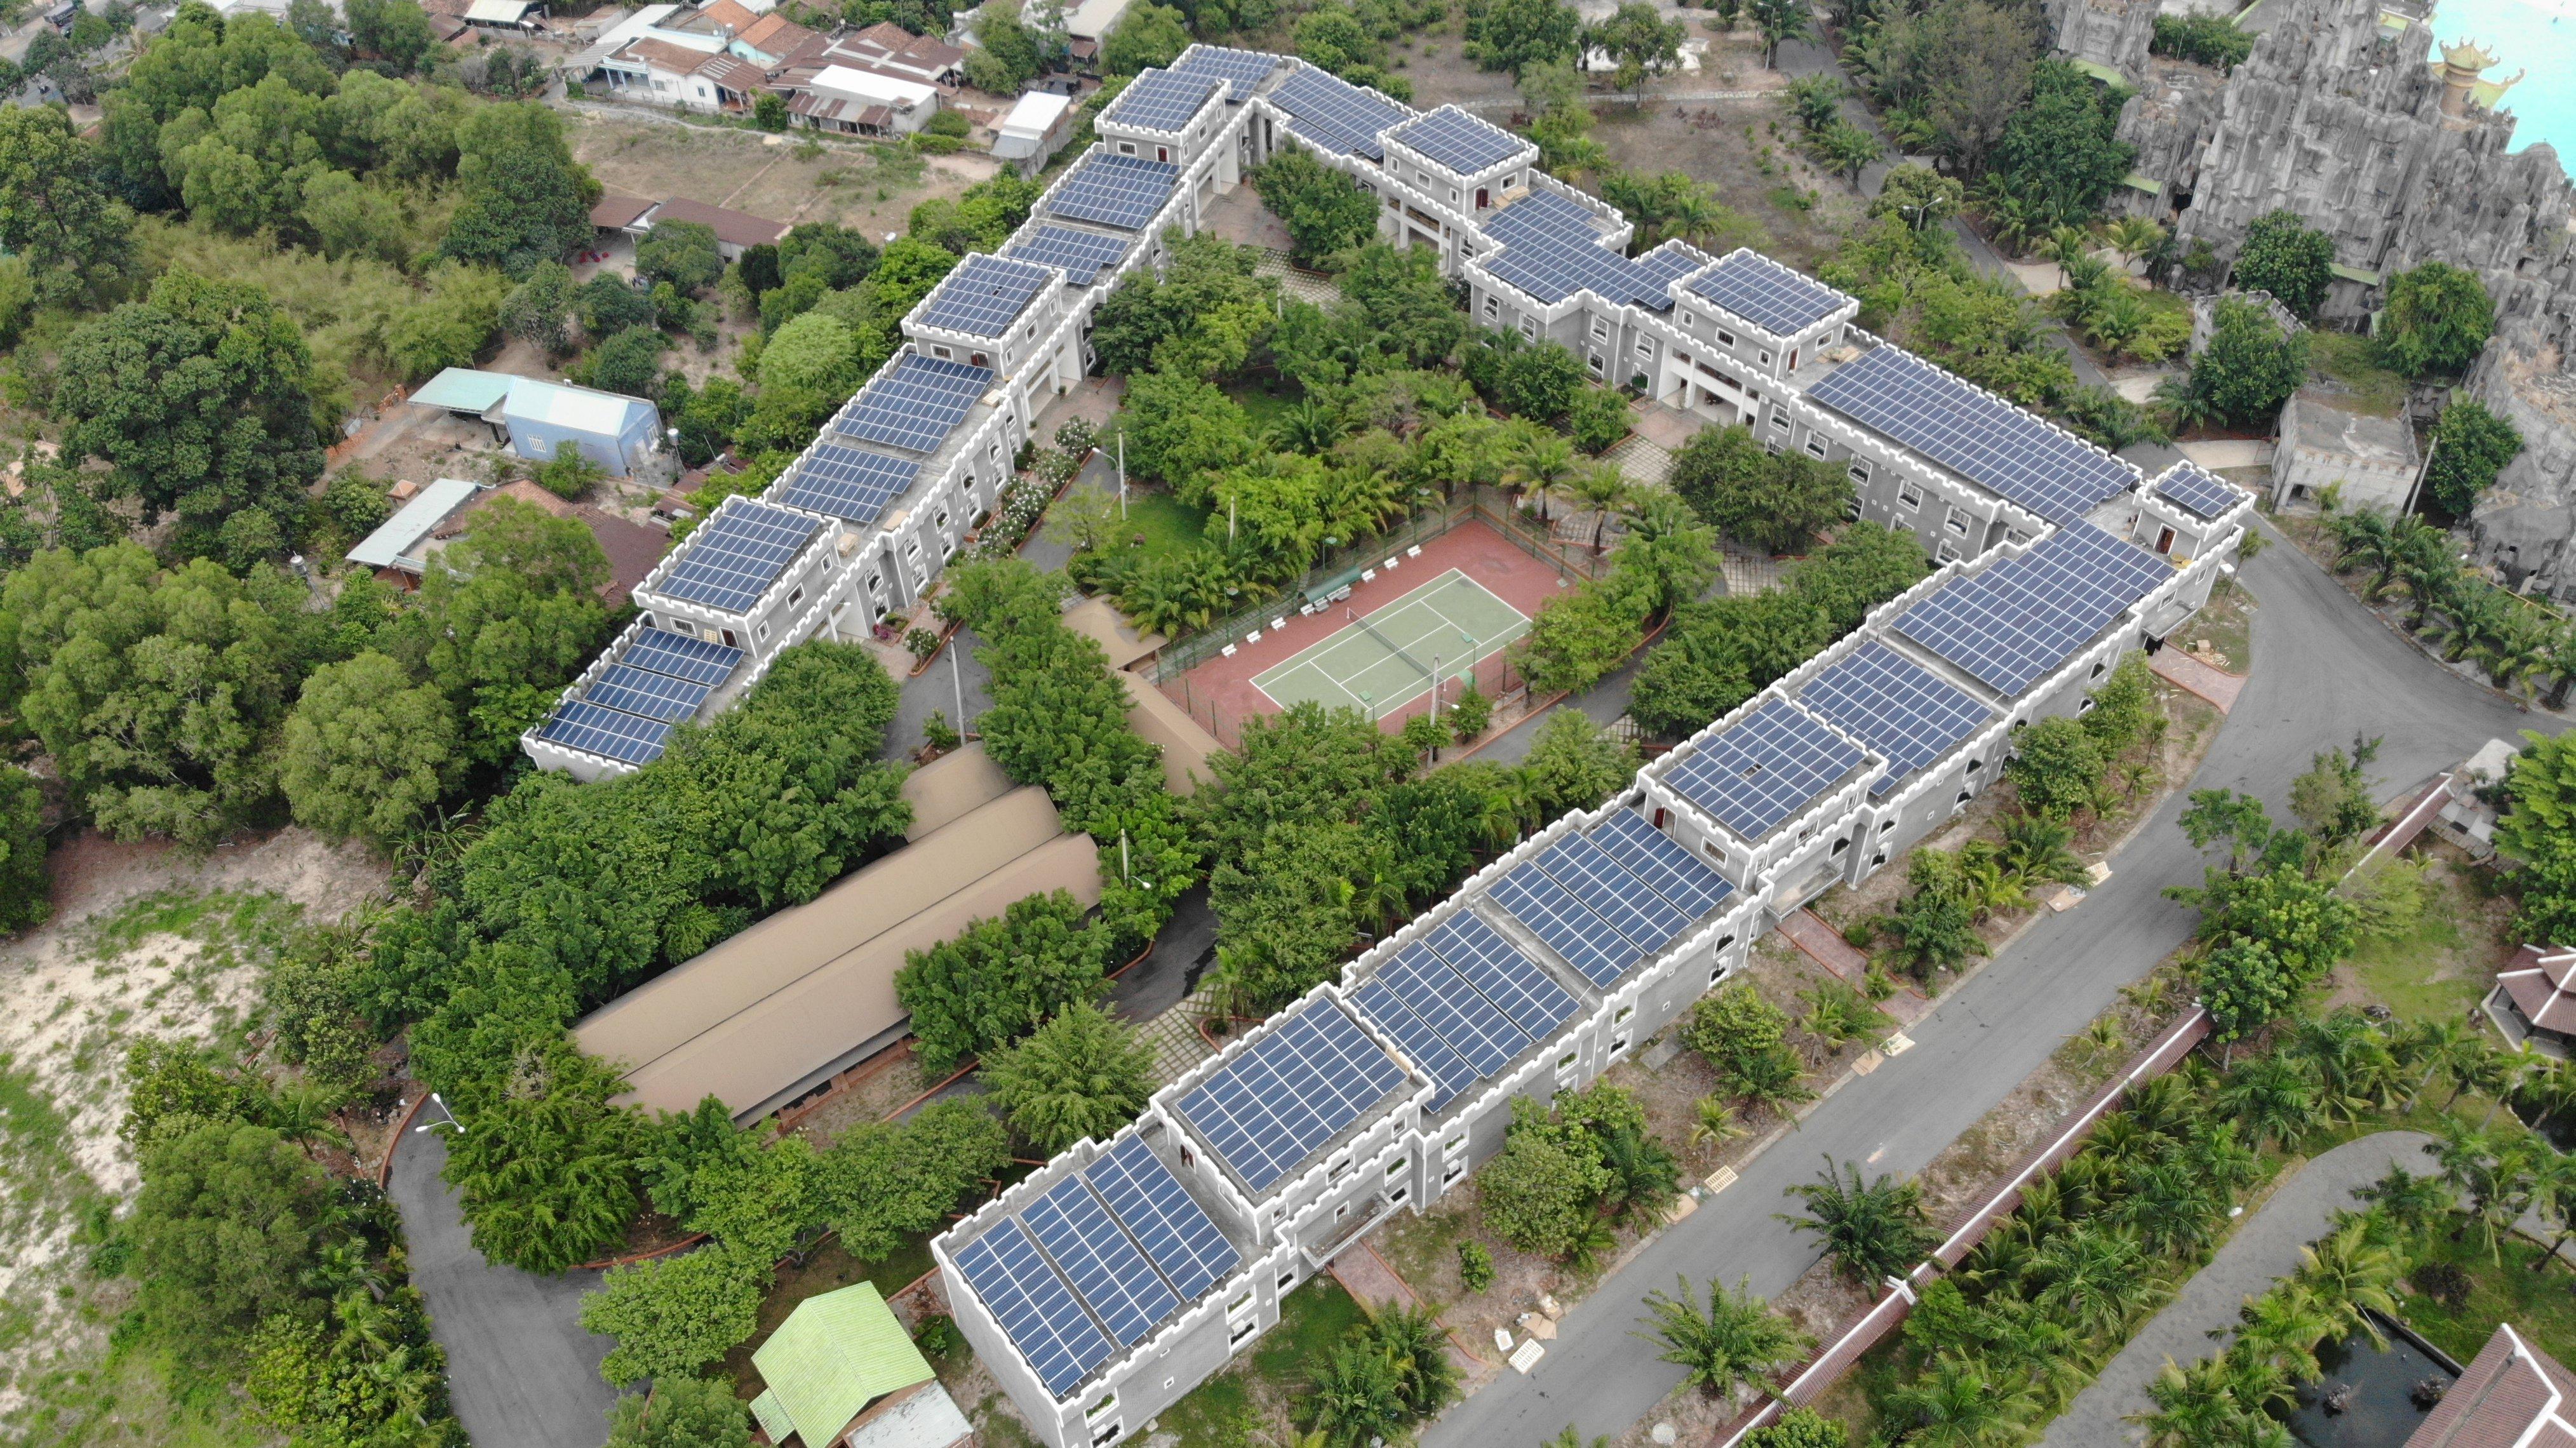 Lợi ích dài lâu với tuổi thọ của tấm pin mặt trời lên tới 30 năm và được bảo hành sản lượng lên tới 25 năm